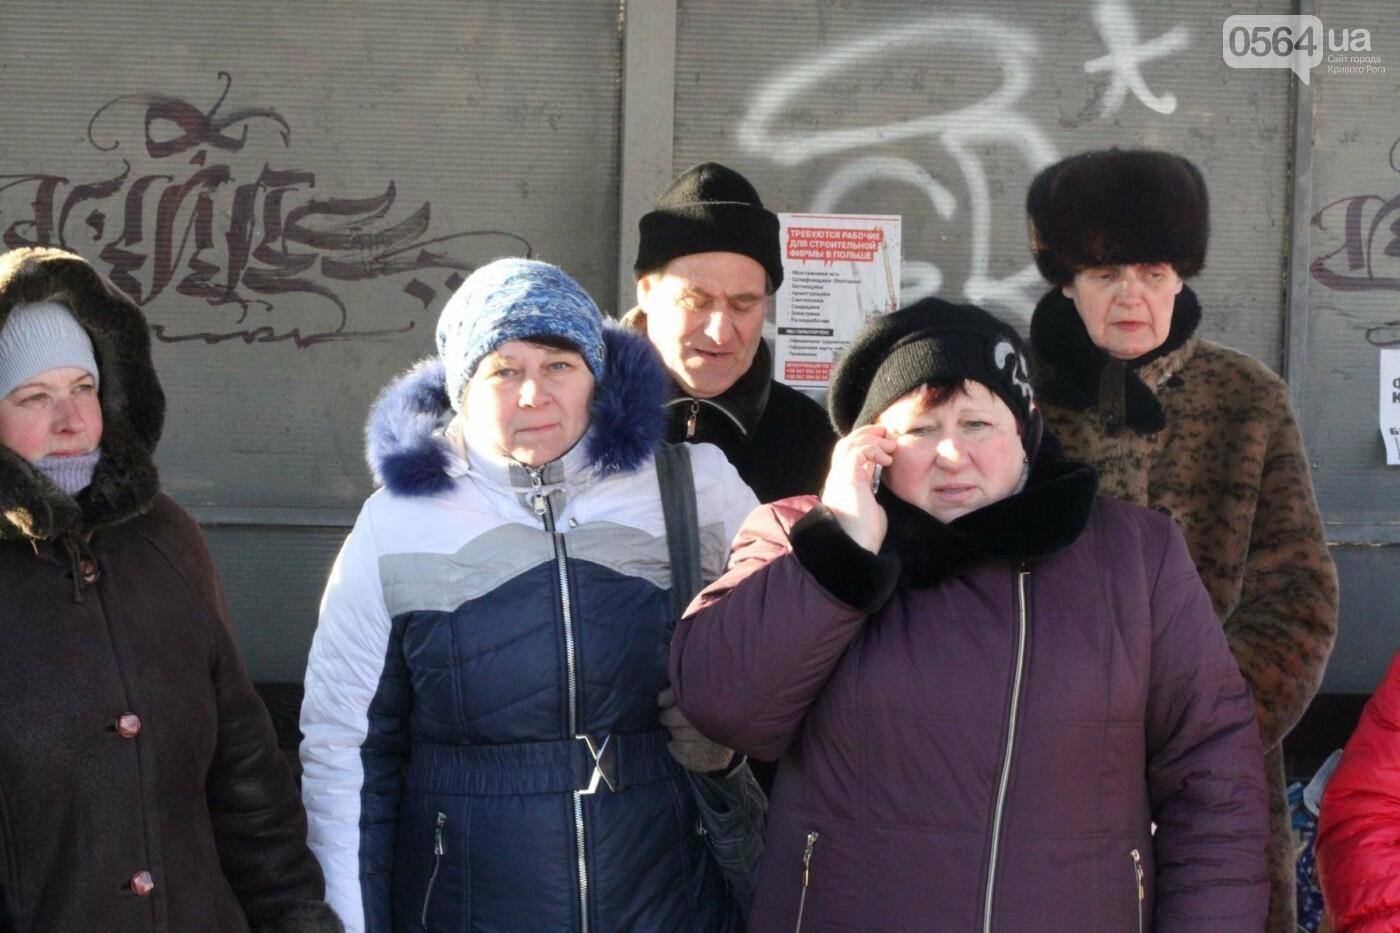 """Не заехать, не выехать: Как живется криворожанам на """"острове Невезения"""" в """"Городе, длиною в жизнь"""" (ФОТО, ВИДЕО), фото-8"""